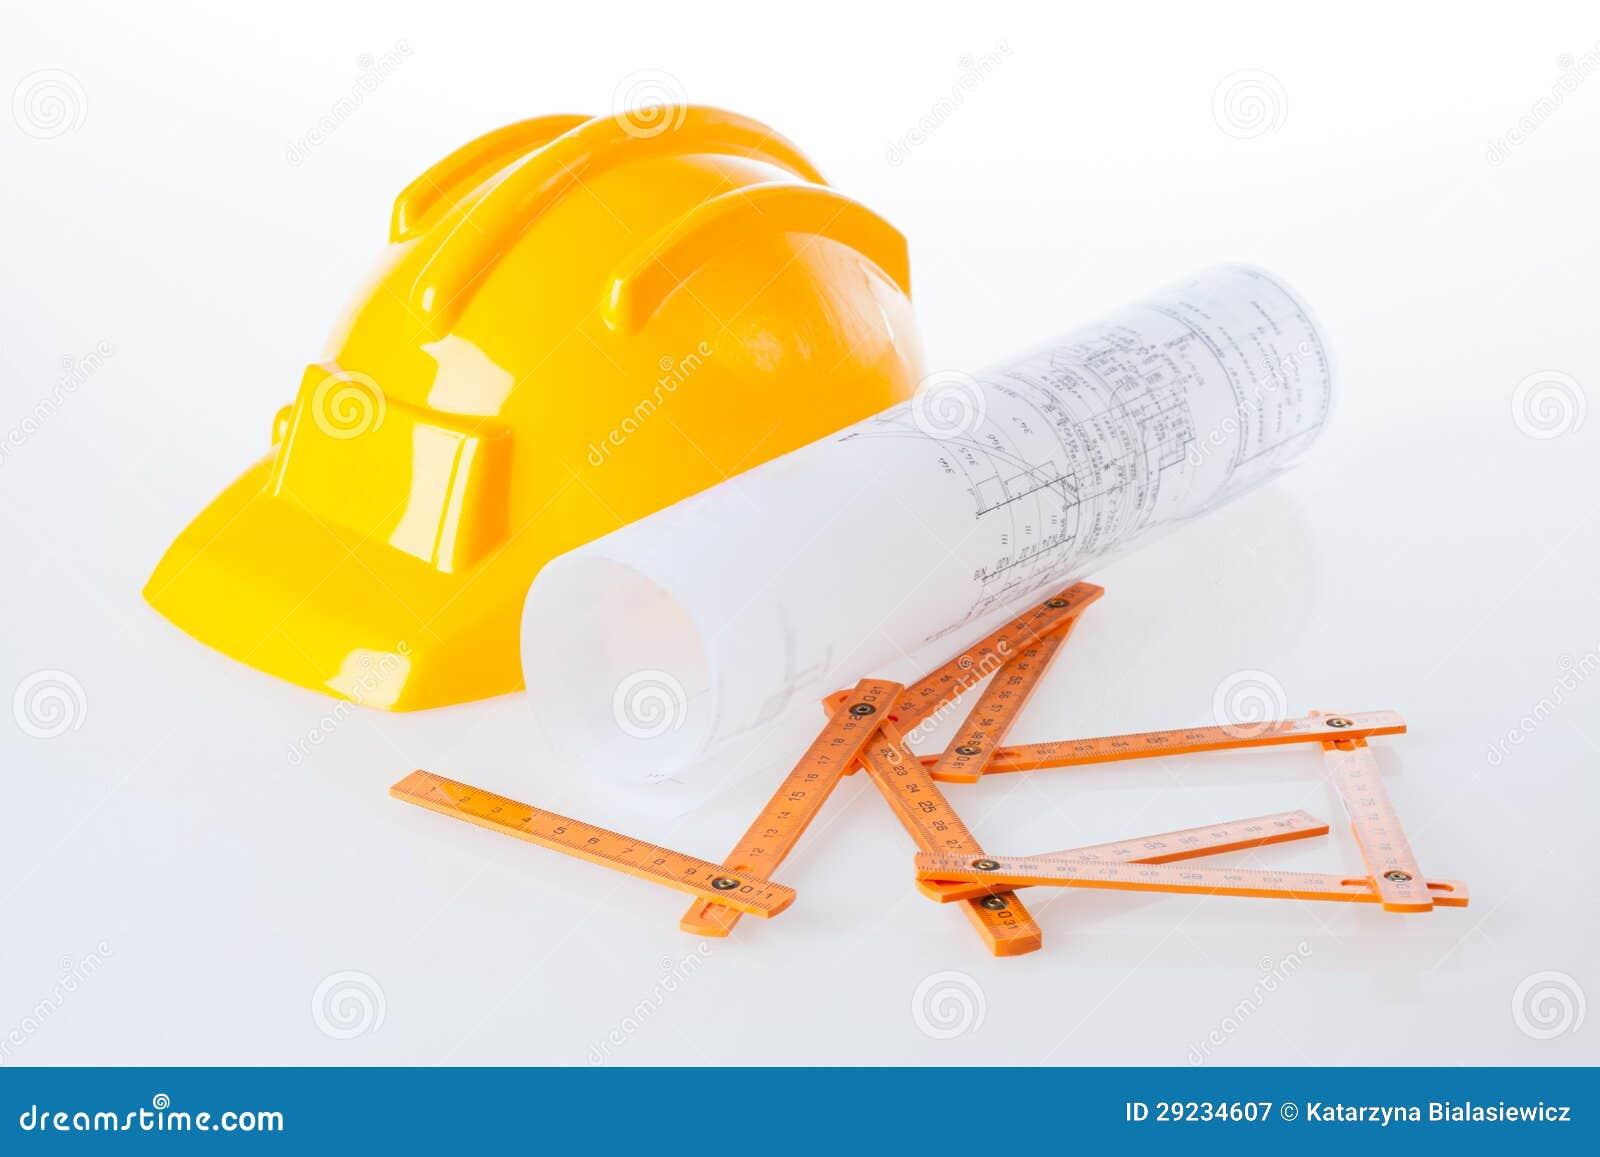 Download Material do arquiteto imagem de stock. Imagem de medida - 29234607